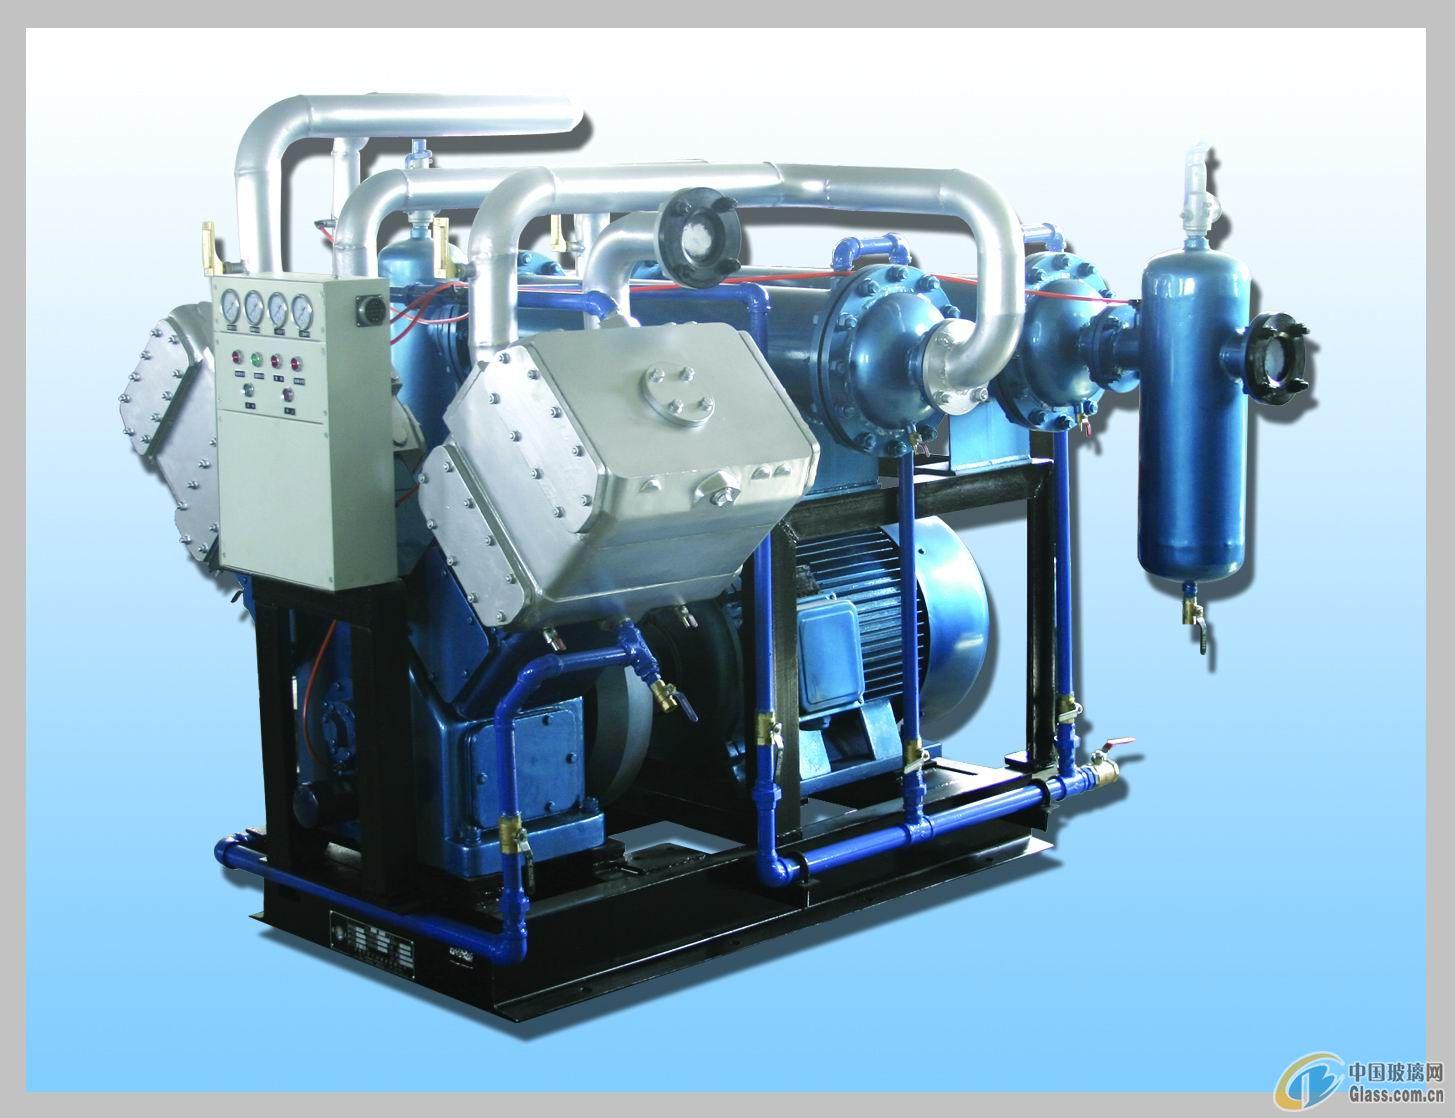 空气压缩机-蚌埠空气压缩机-蚌埠市金鑫压缩机制造